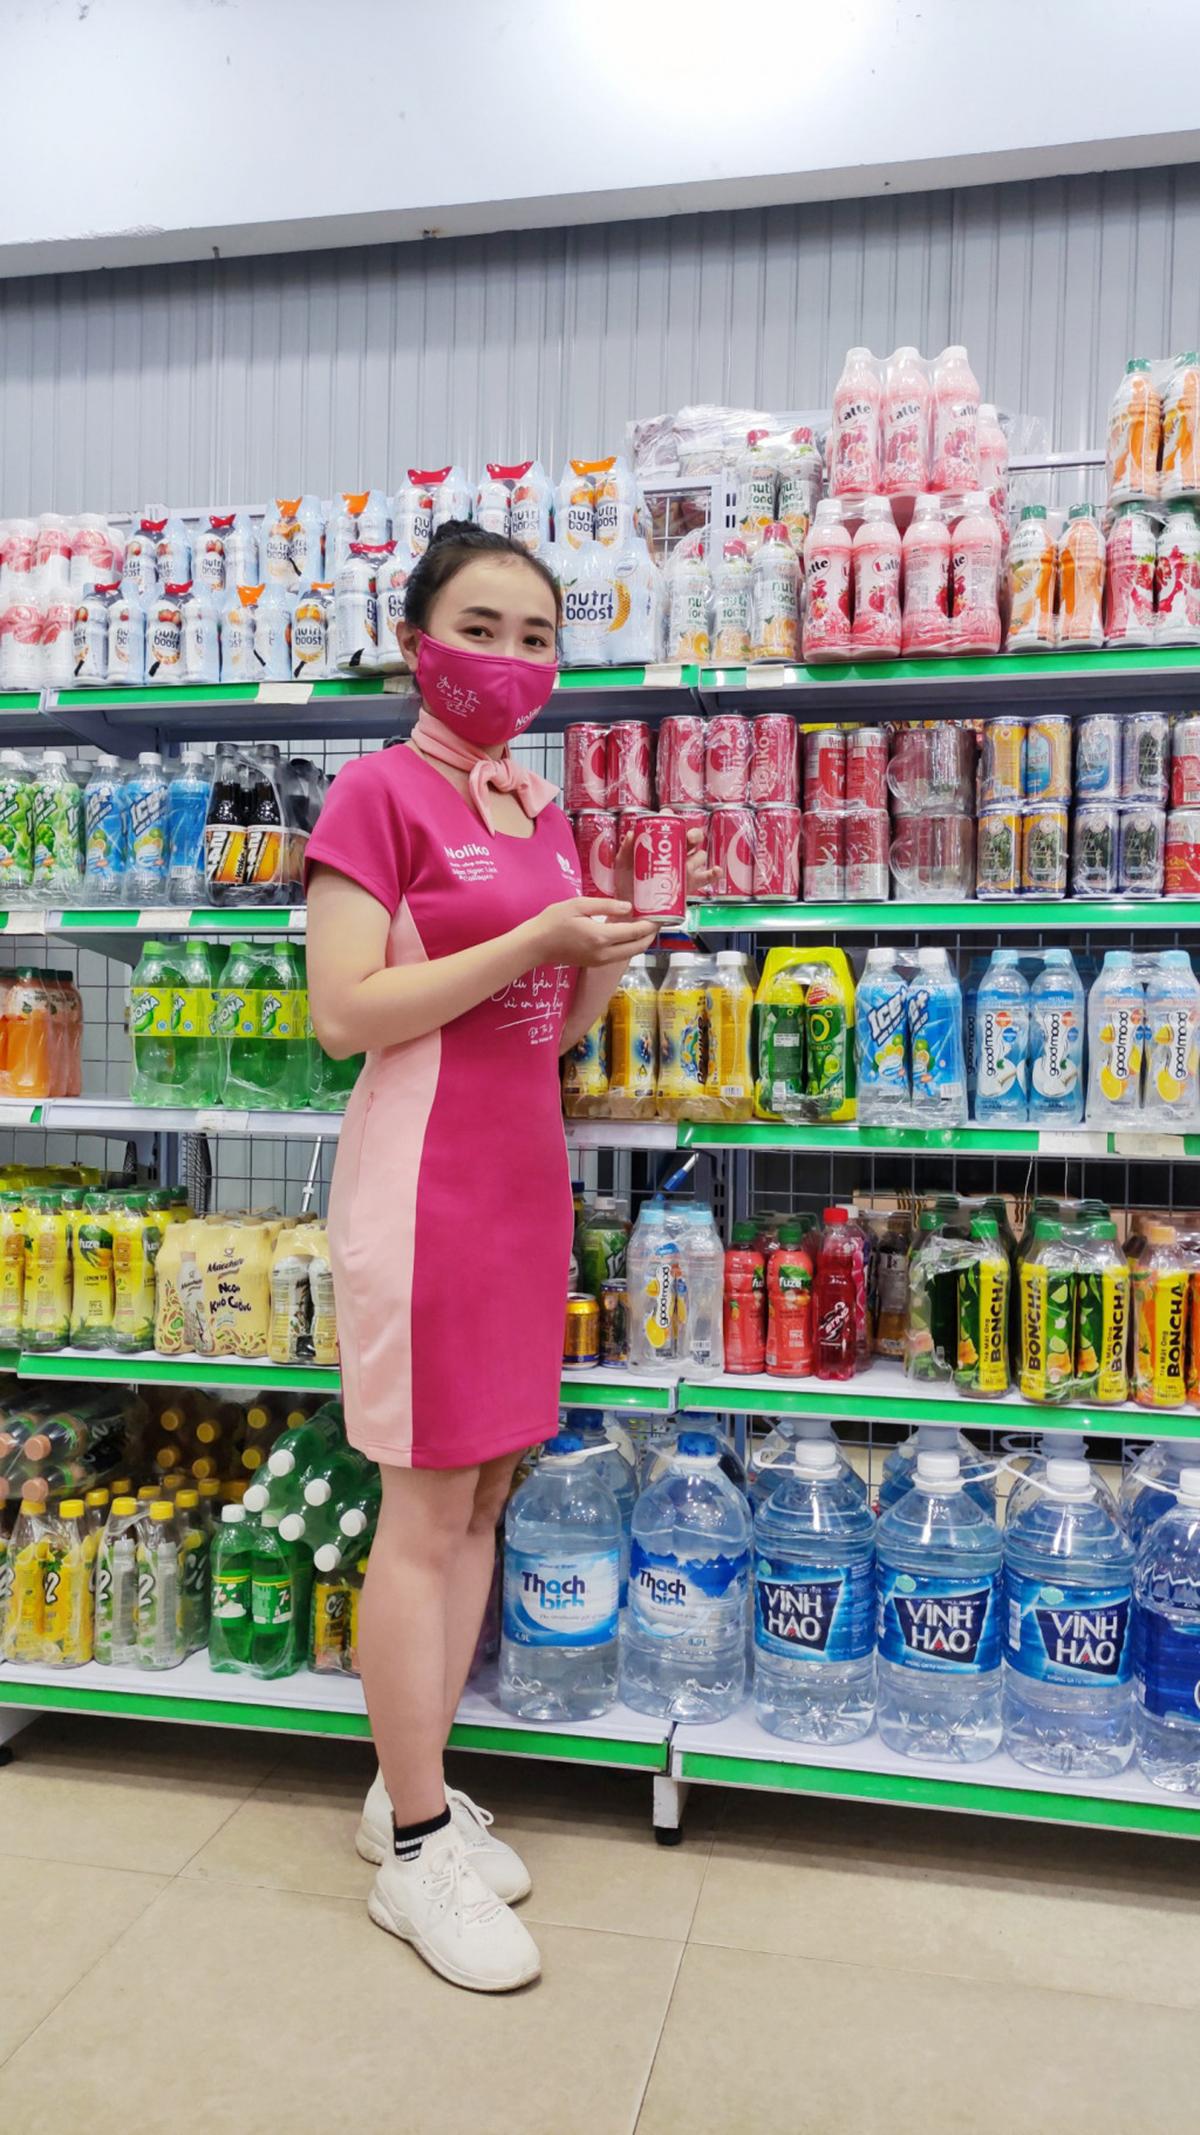 Sản phẩm mới của Sâm Ngọc Linh Kon Tum K5 đang được bày bán tại các quầy nước uống tại siêu thị trên toàn quốc.